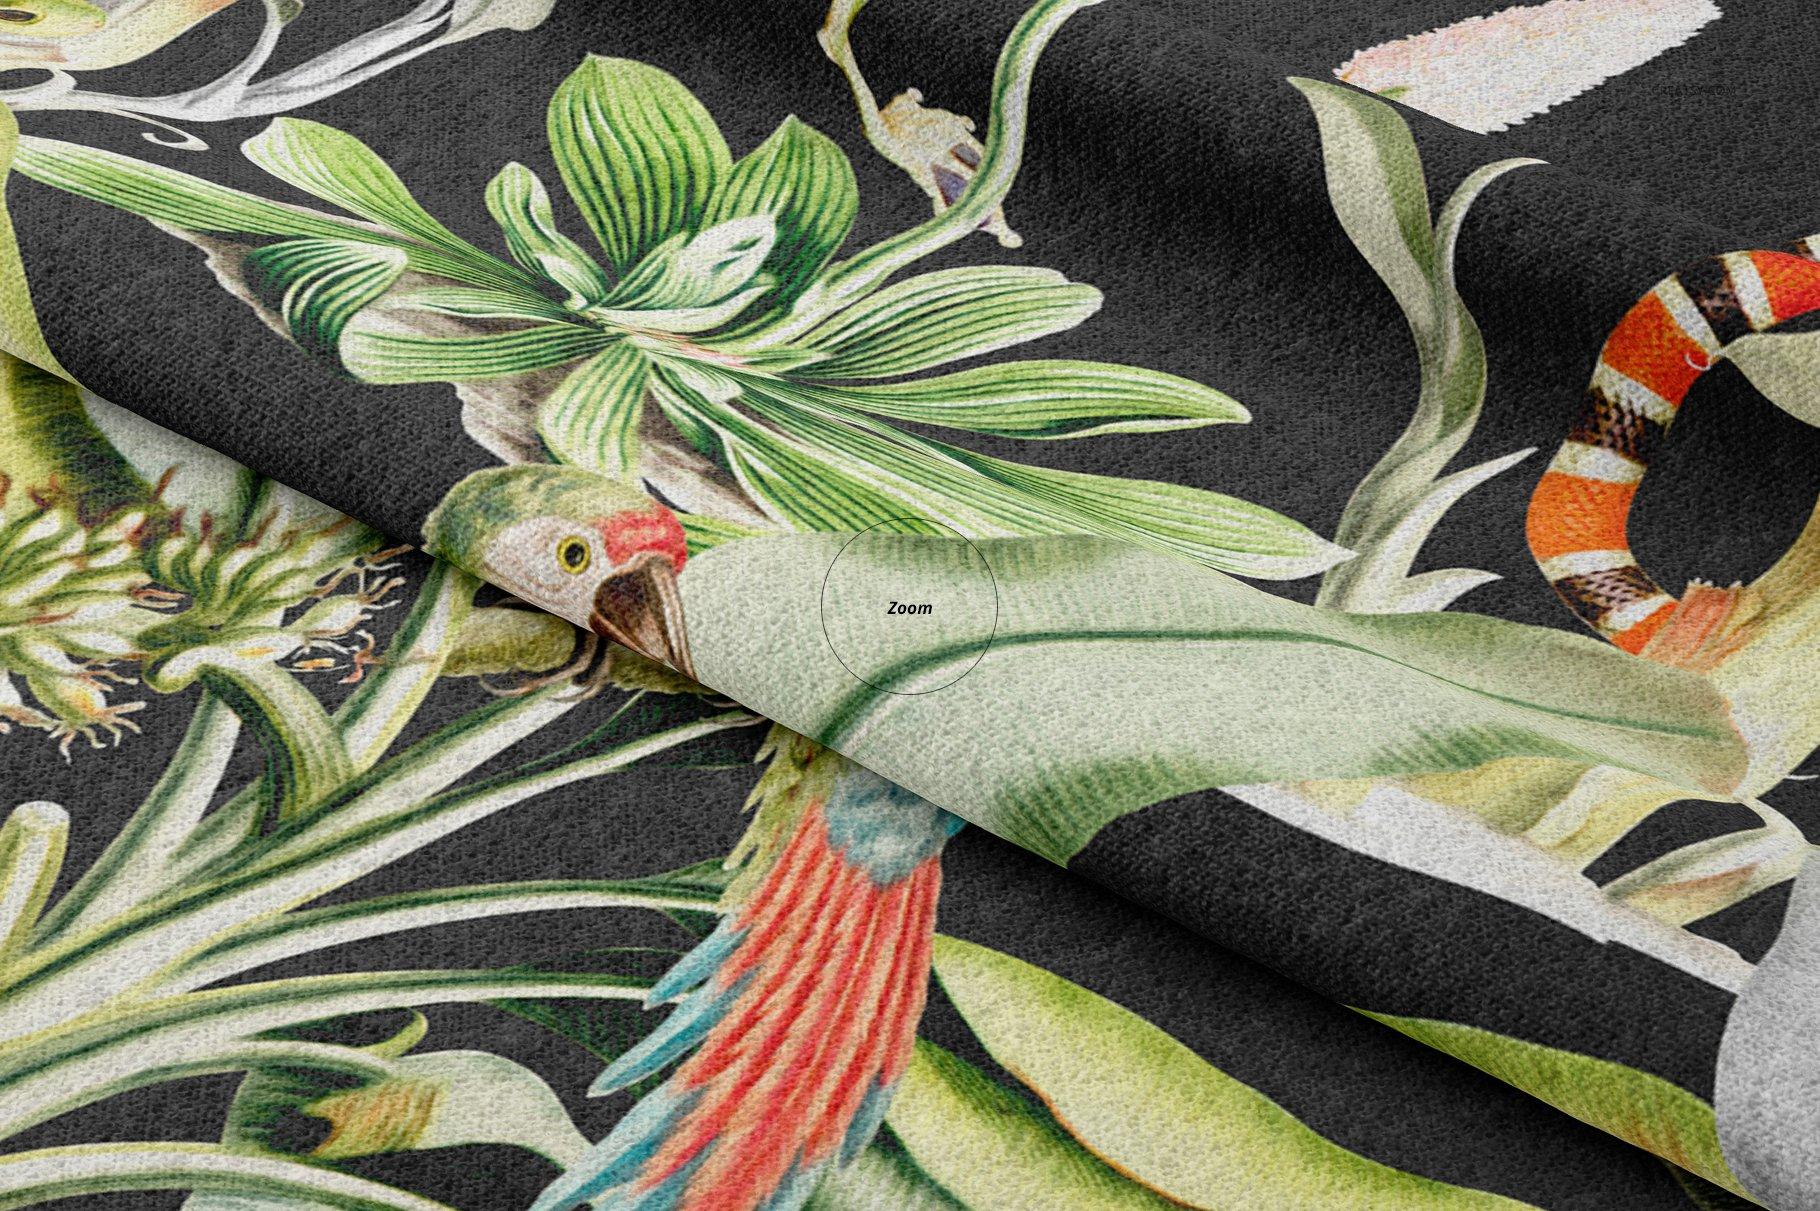 褶皱纺织面料印花图案设计展示样机模板 Lying Fabric Mockup 26/FF v.6插图(3)